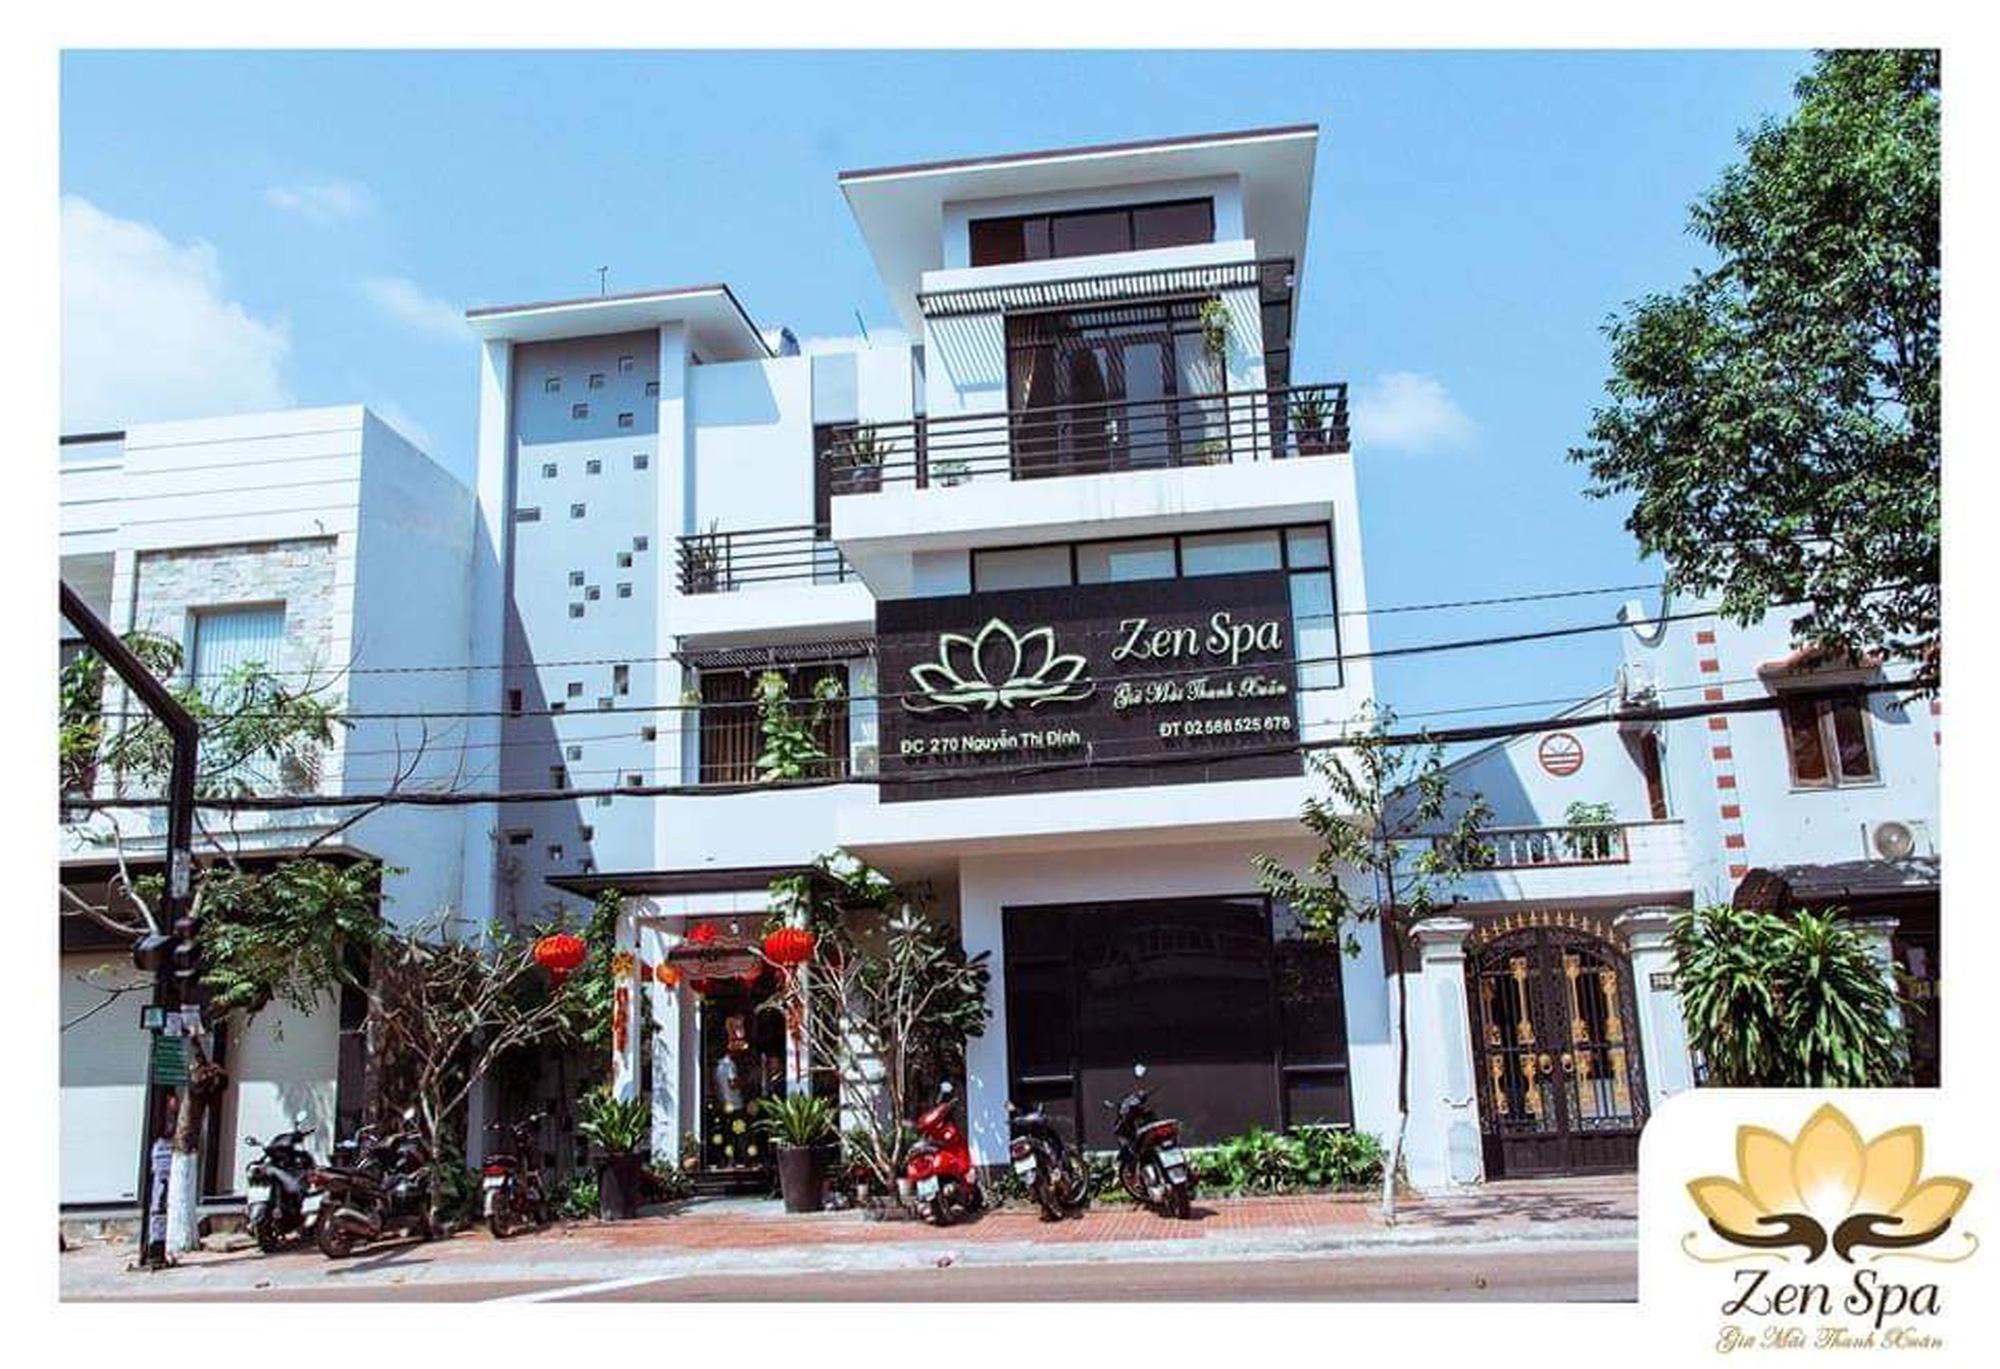 Zenn Clinic - Cung cấp giải pháp tối ưu cho làm đẹp tại Bình Định nói riêng và Việt Nam nói chung - Ảnh 1.